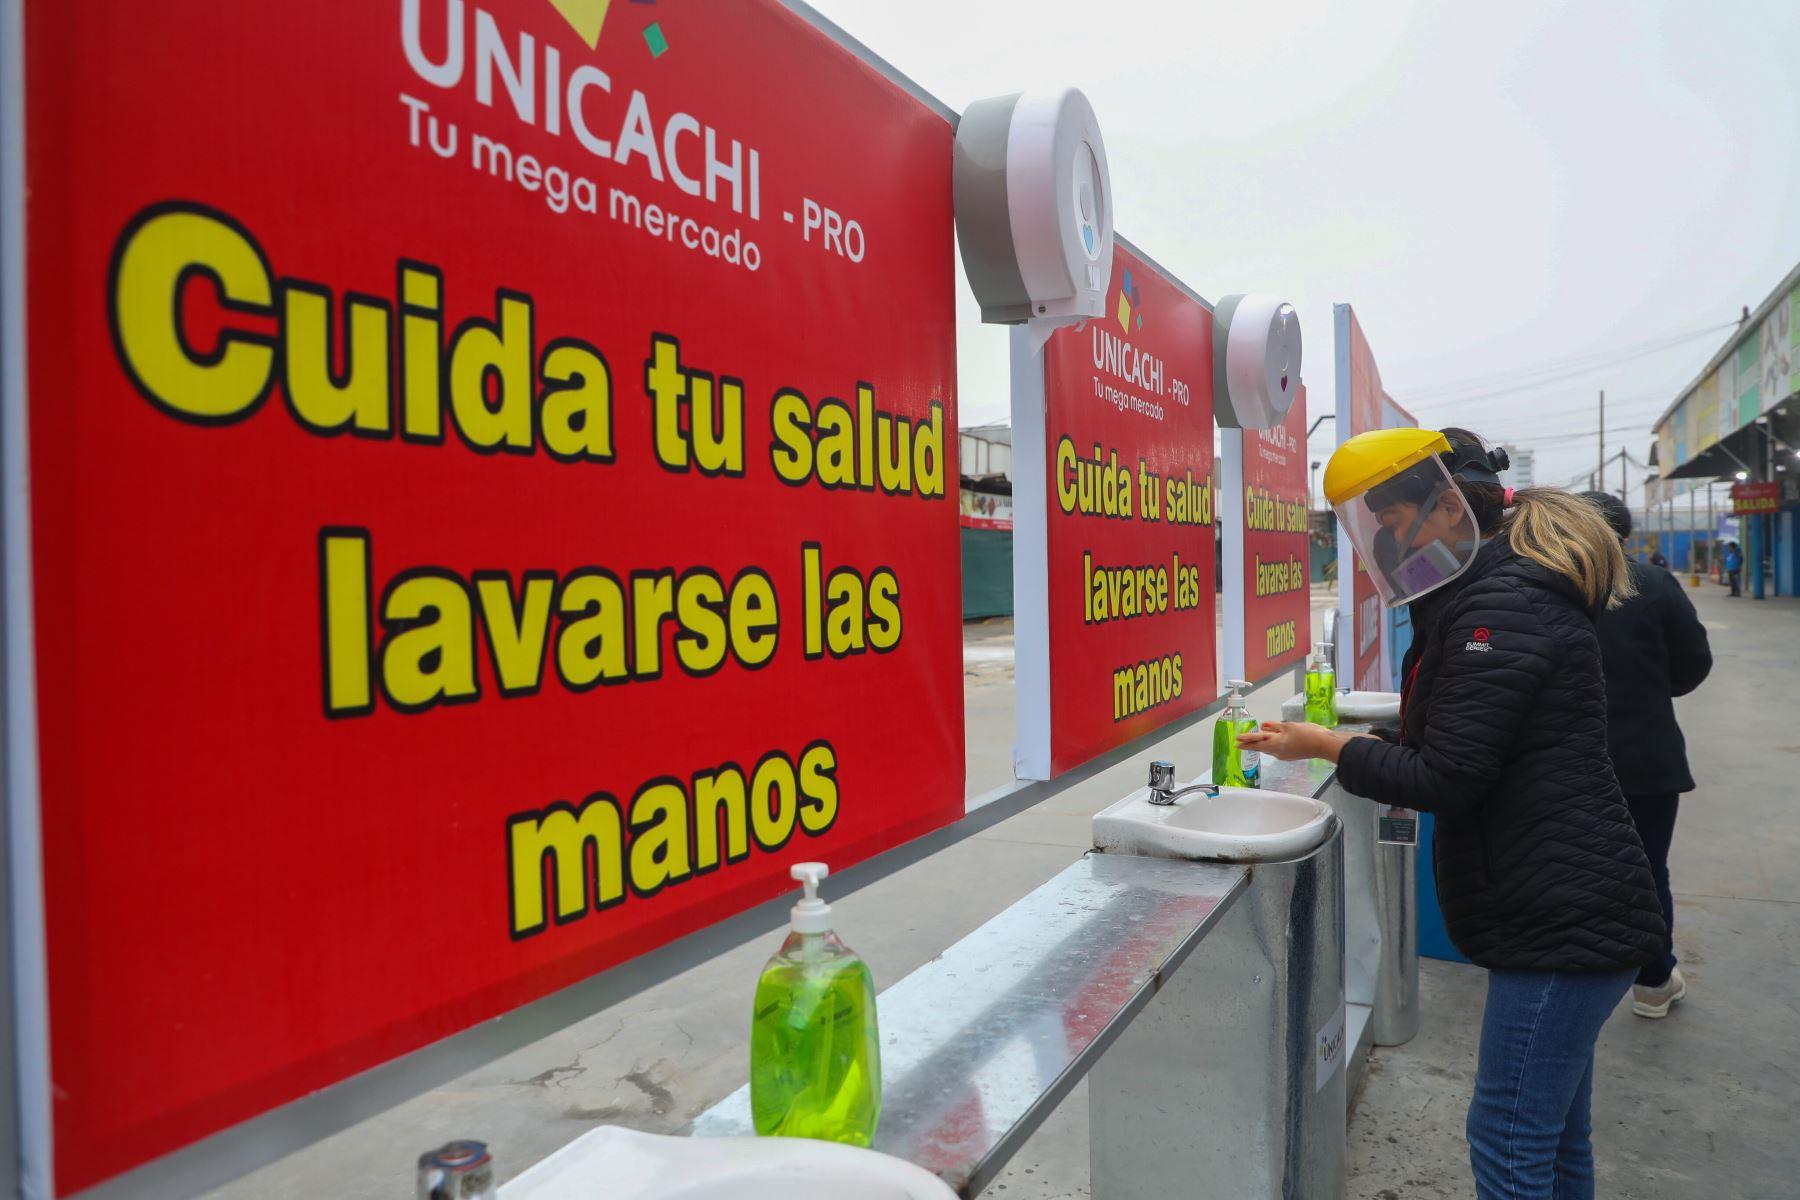 Luego de 18 días de permanecer cerrado, el mercado San Pedro de Unicachi, en Comas, reabrirá mañana sus puertas. Foto: ANDINA/Difusión